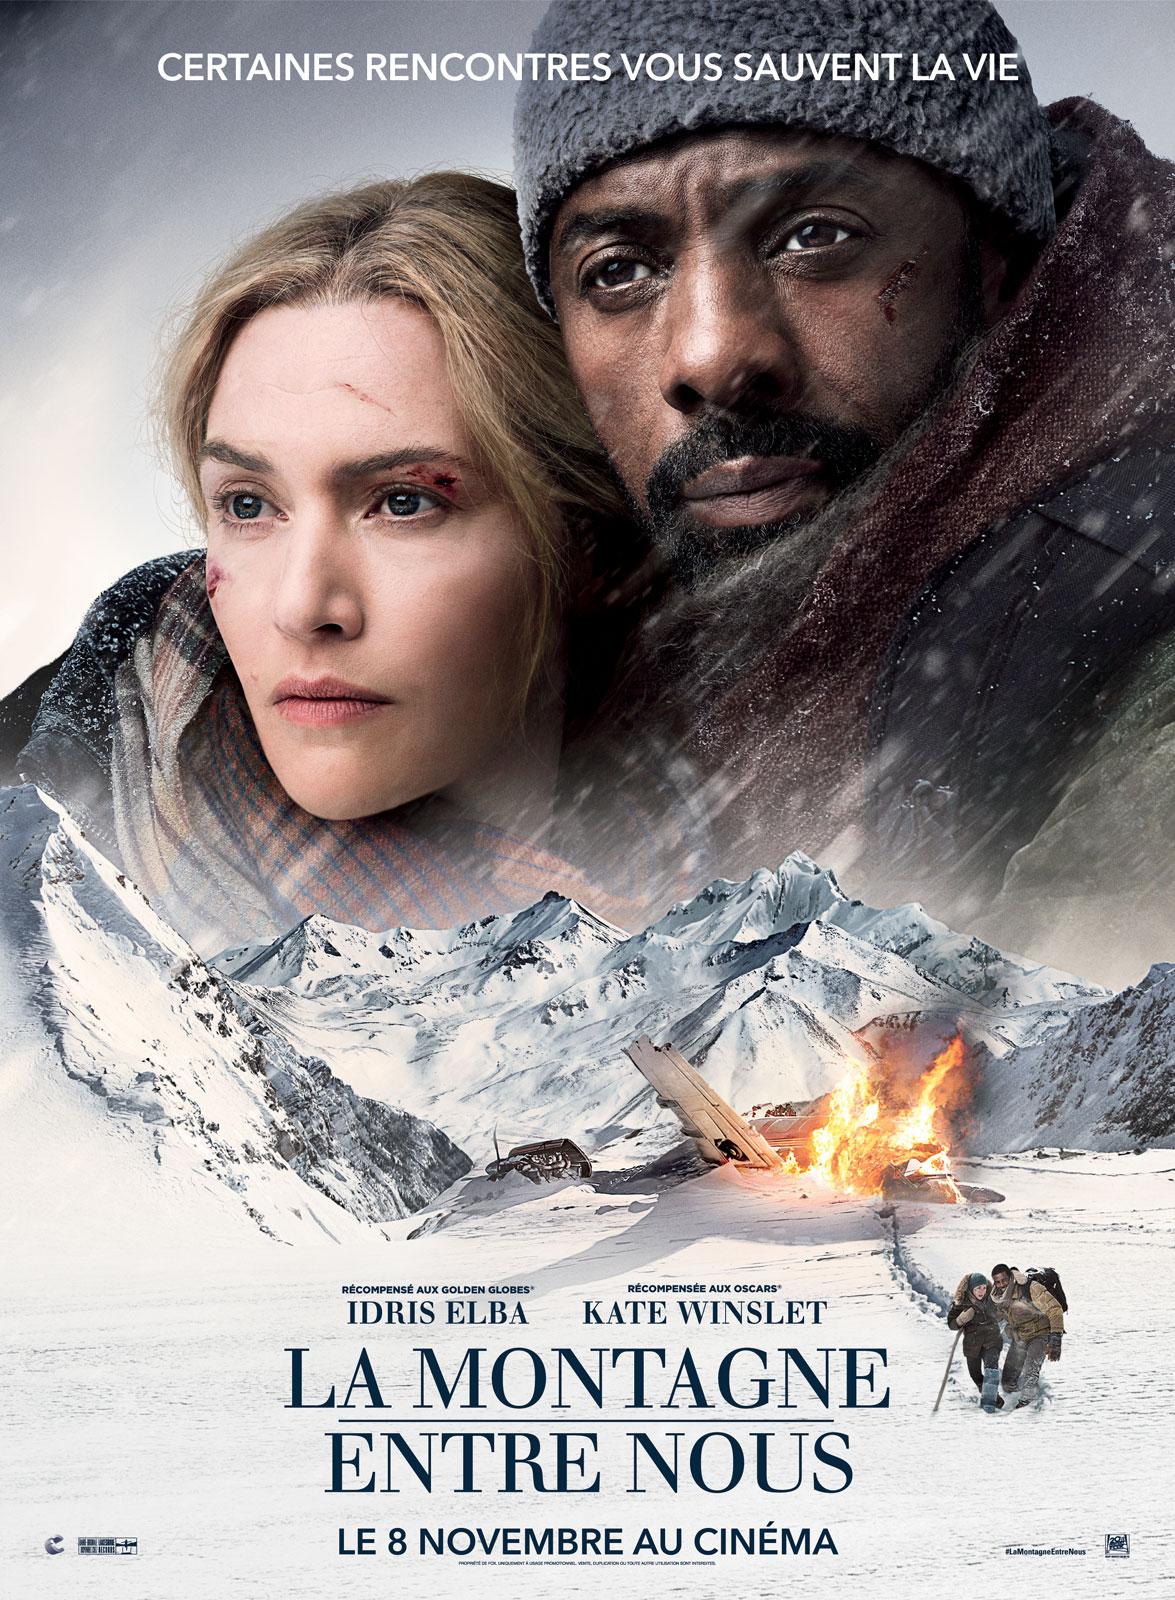 affiche du film La montagne entre nous